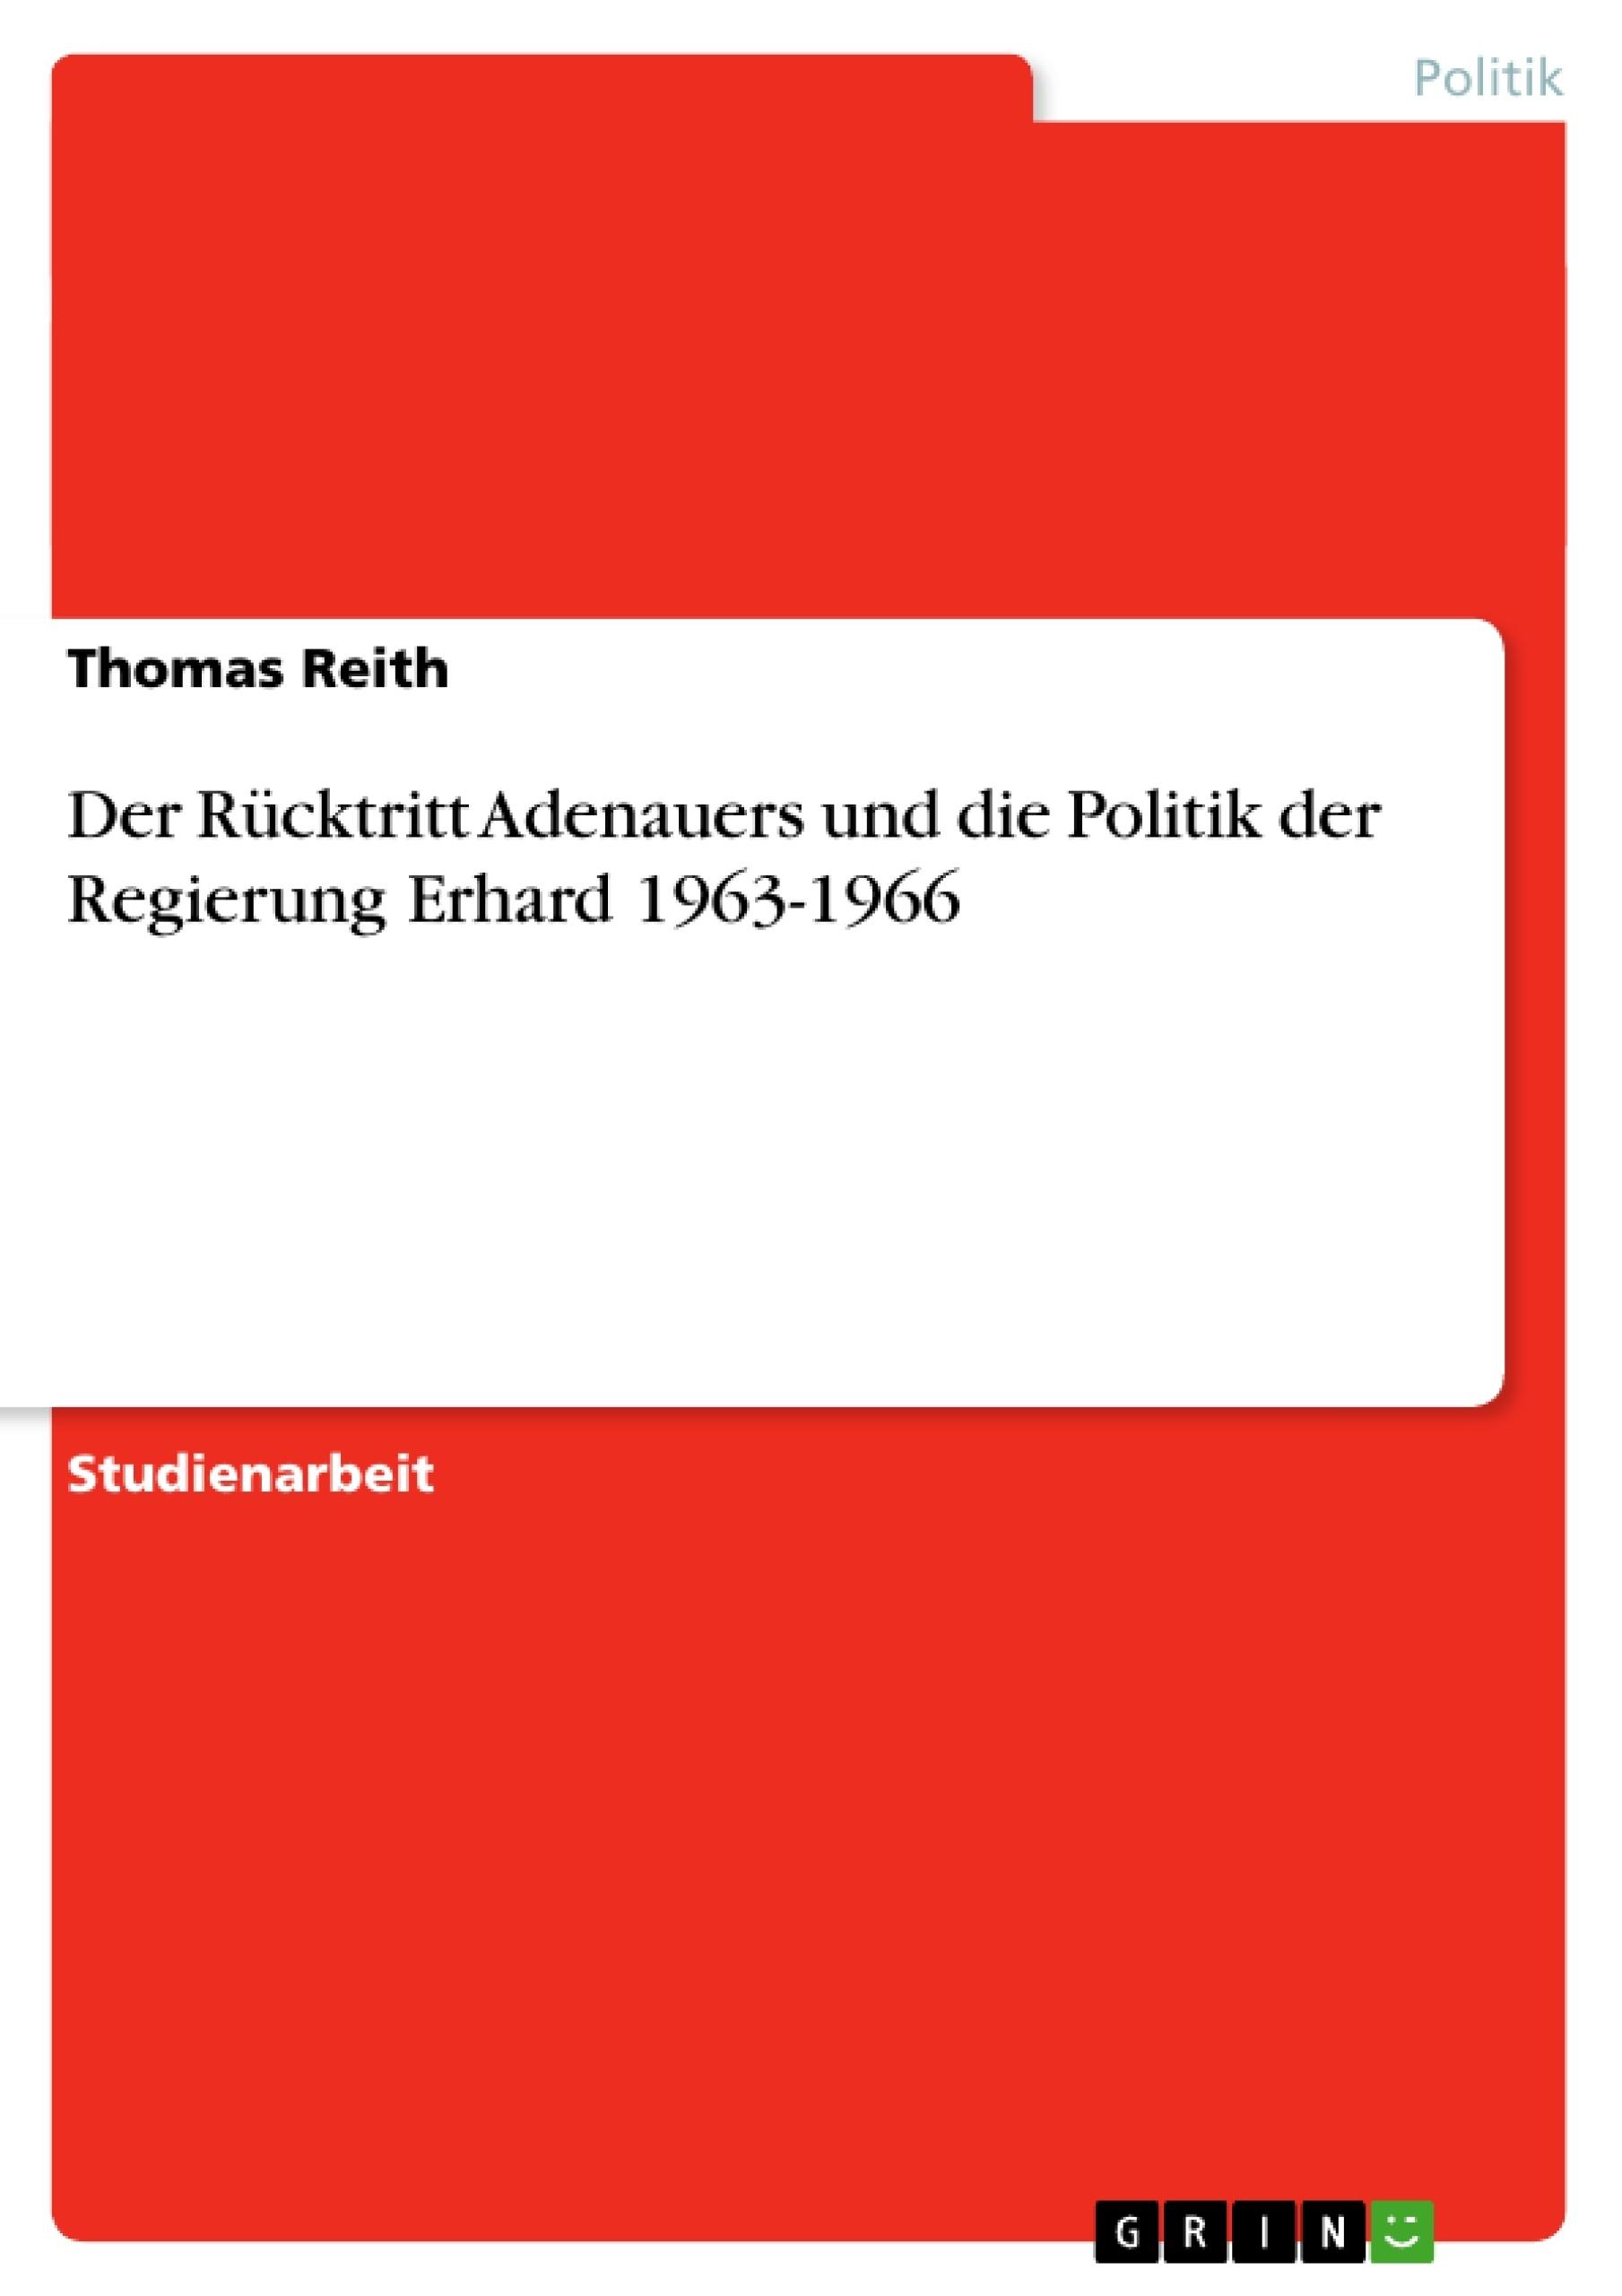 Titel: Der Rücktritt Adenauers und die Politik der Regierung Erhard 1963-1966